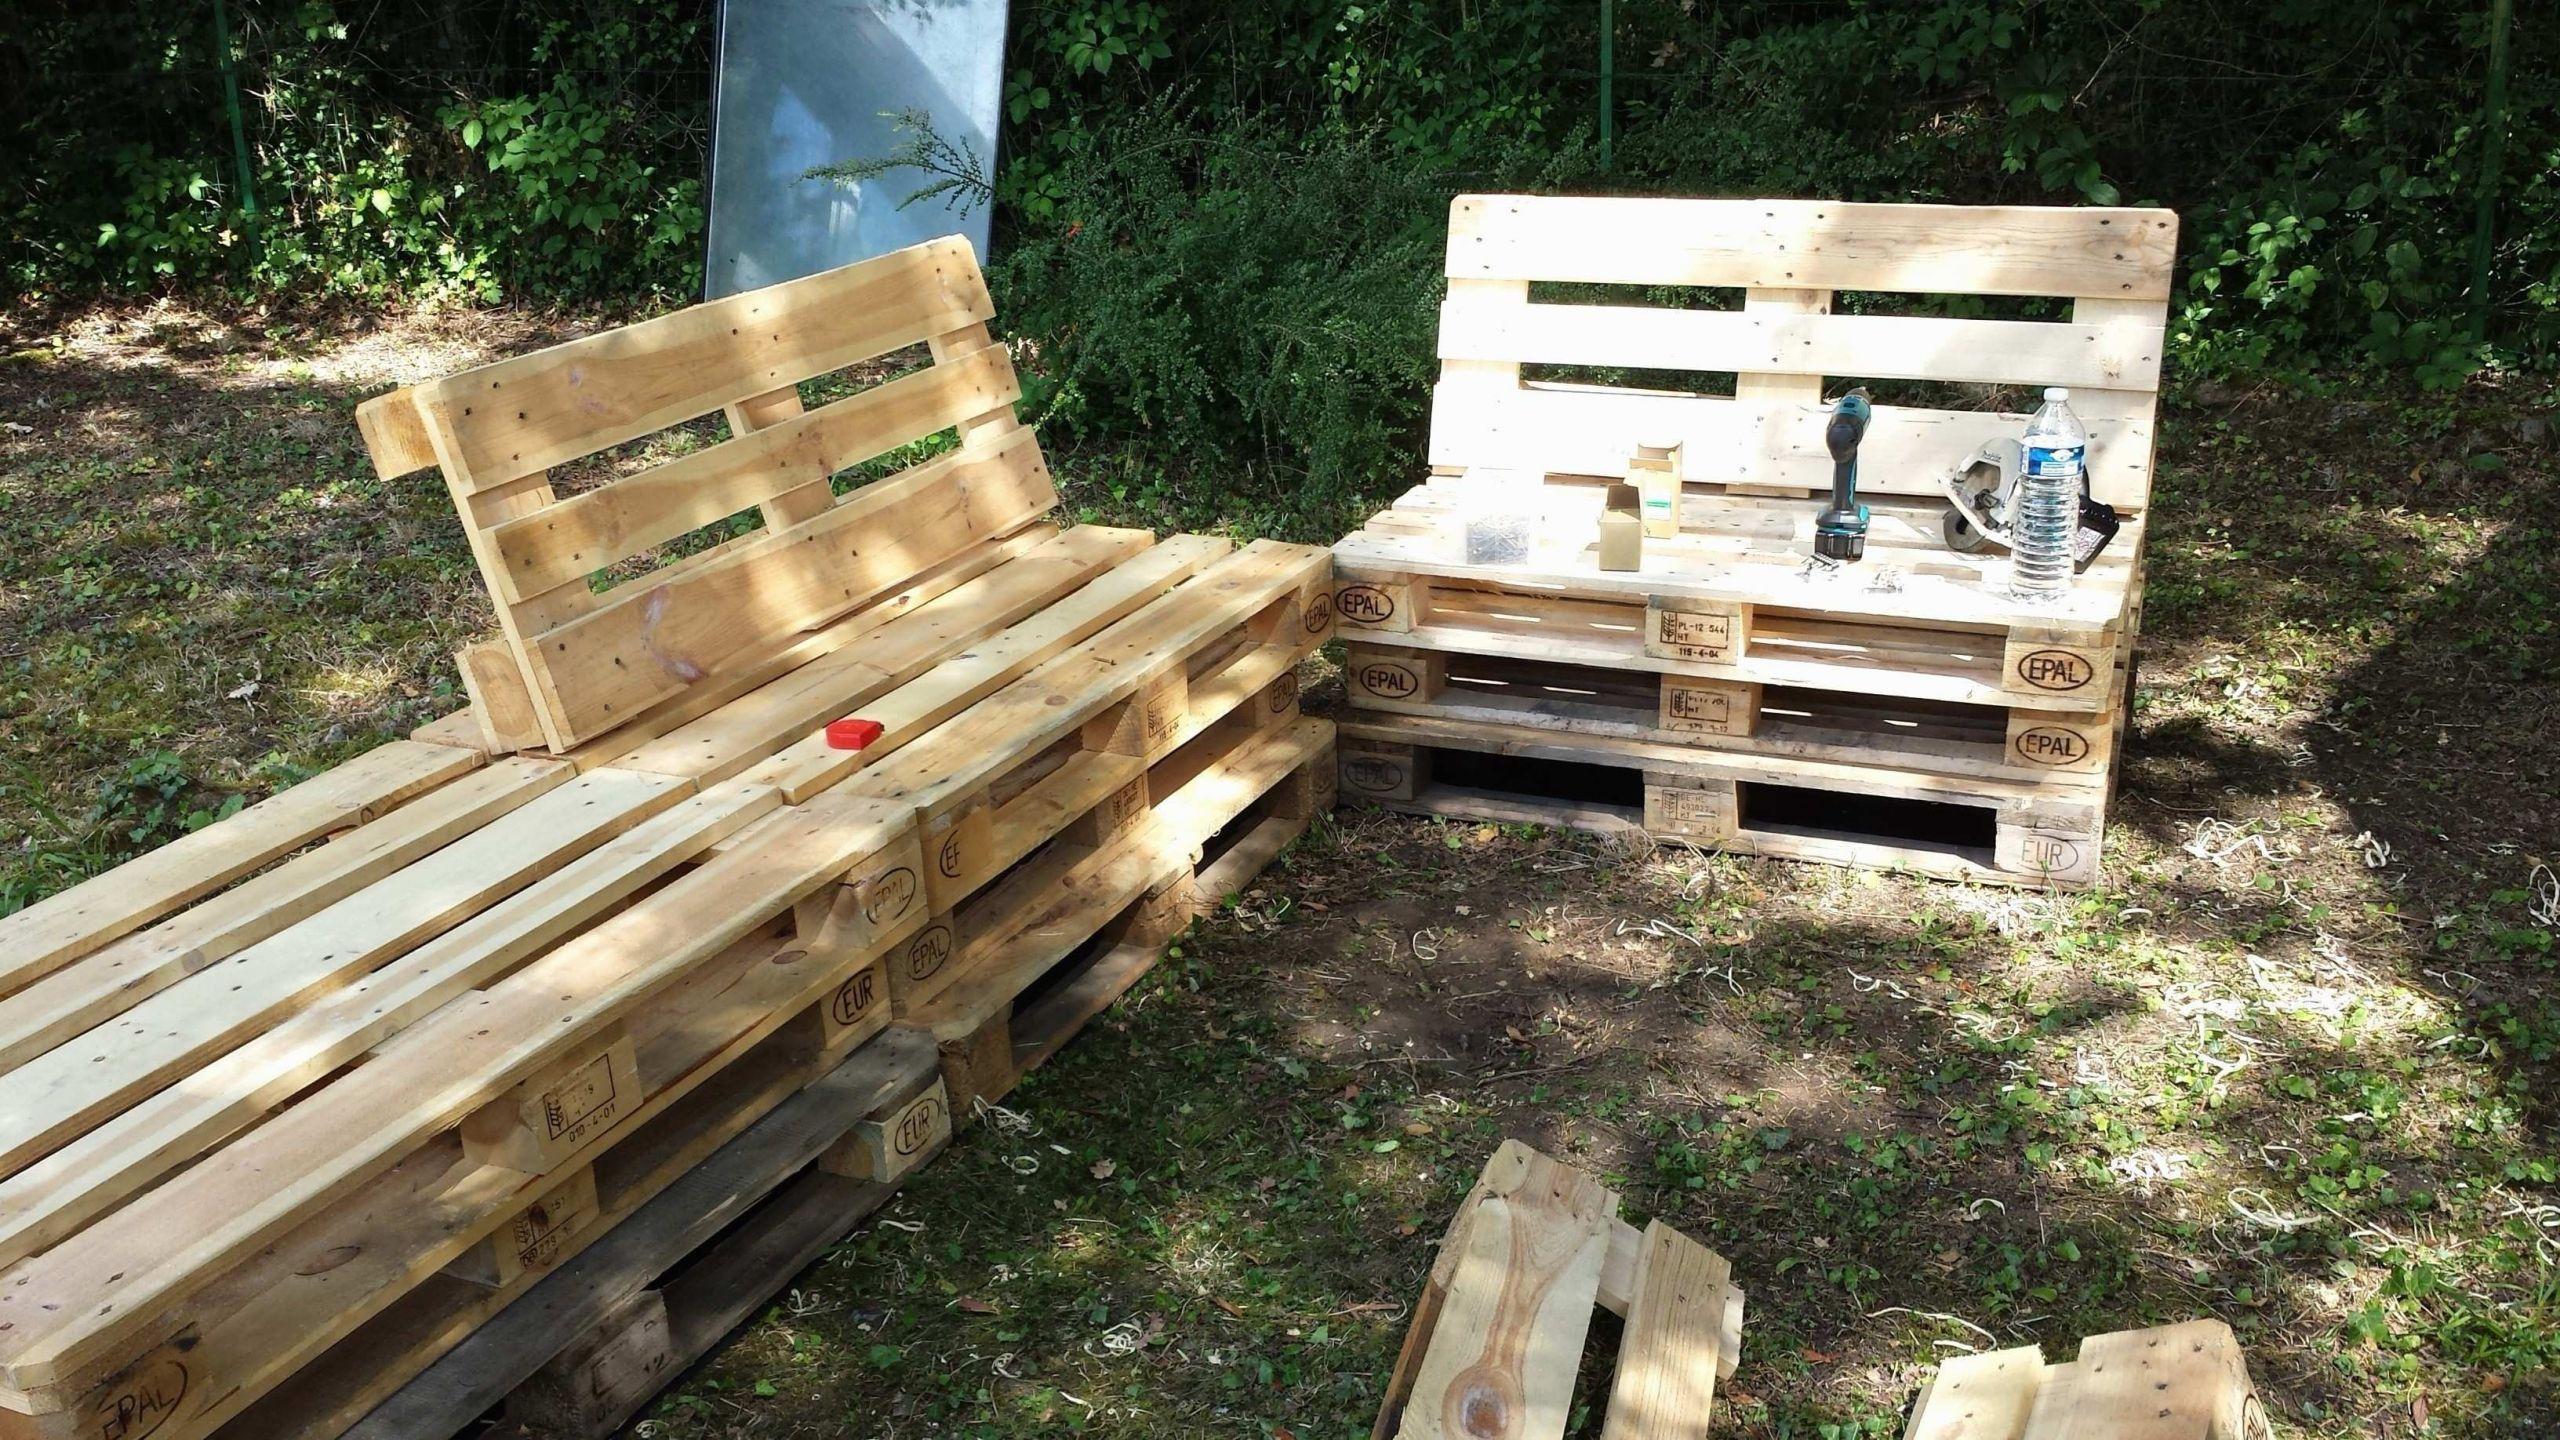 banc palette plan petit meuble but beau meuble exterieur banc bois jardin best banc of banc palette plan